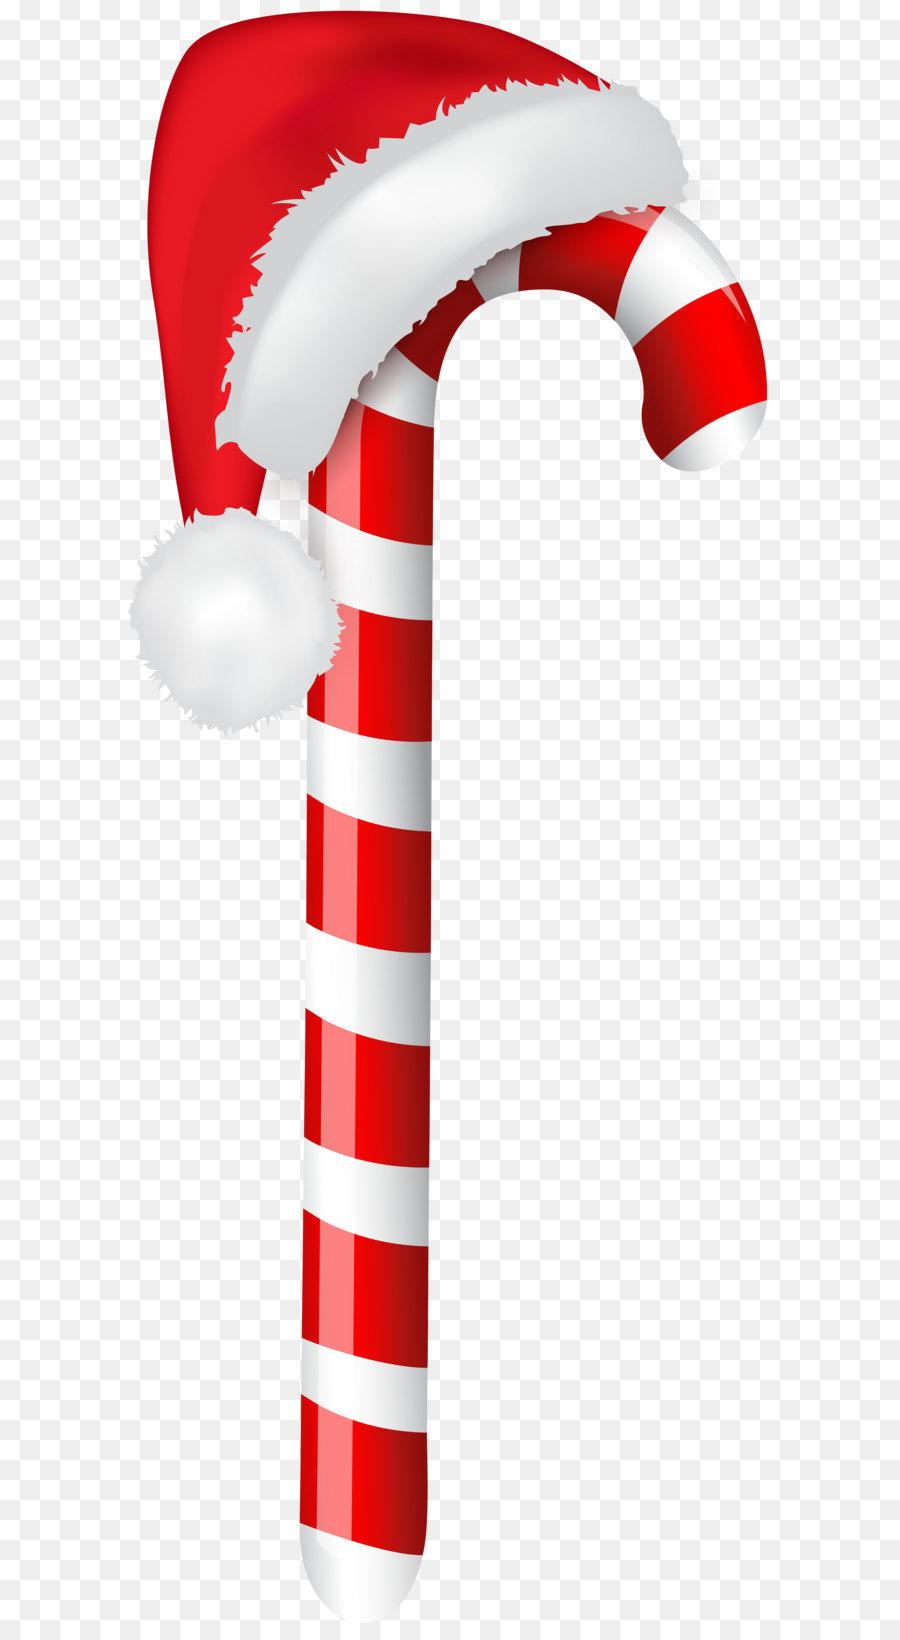 Descarga gratuita de Santa Claus, La Navidad, Dulces Imágen de Png